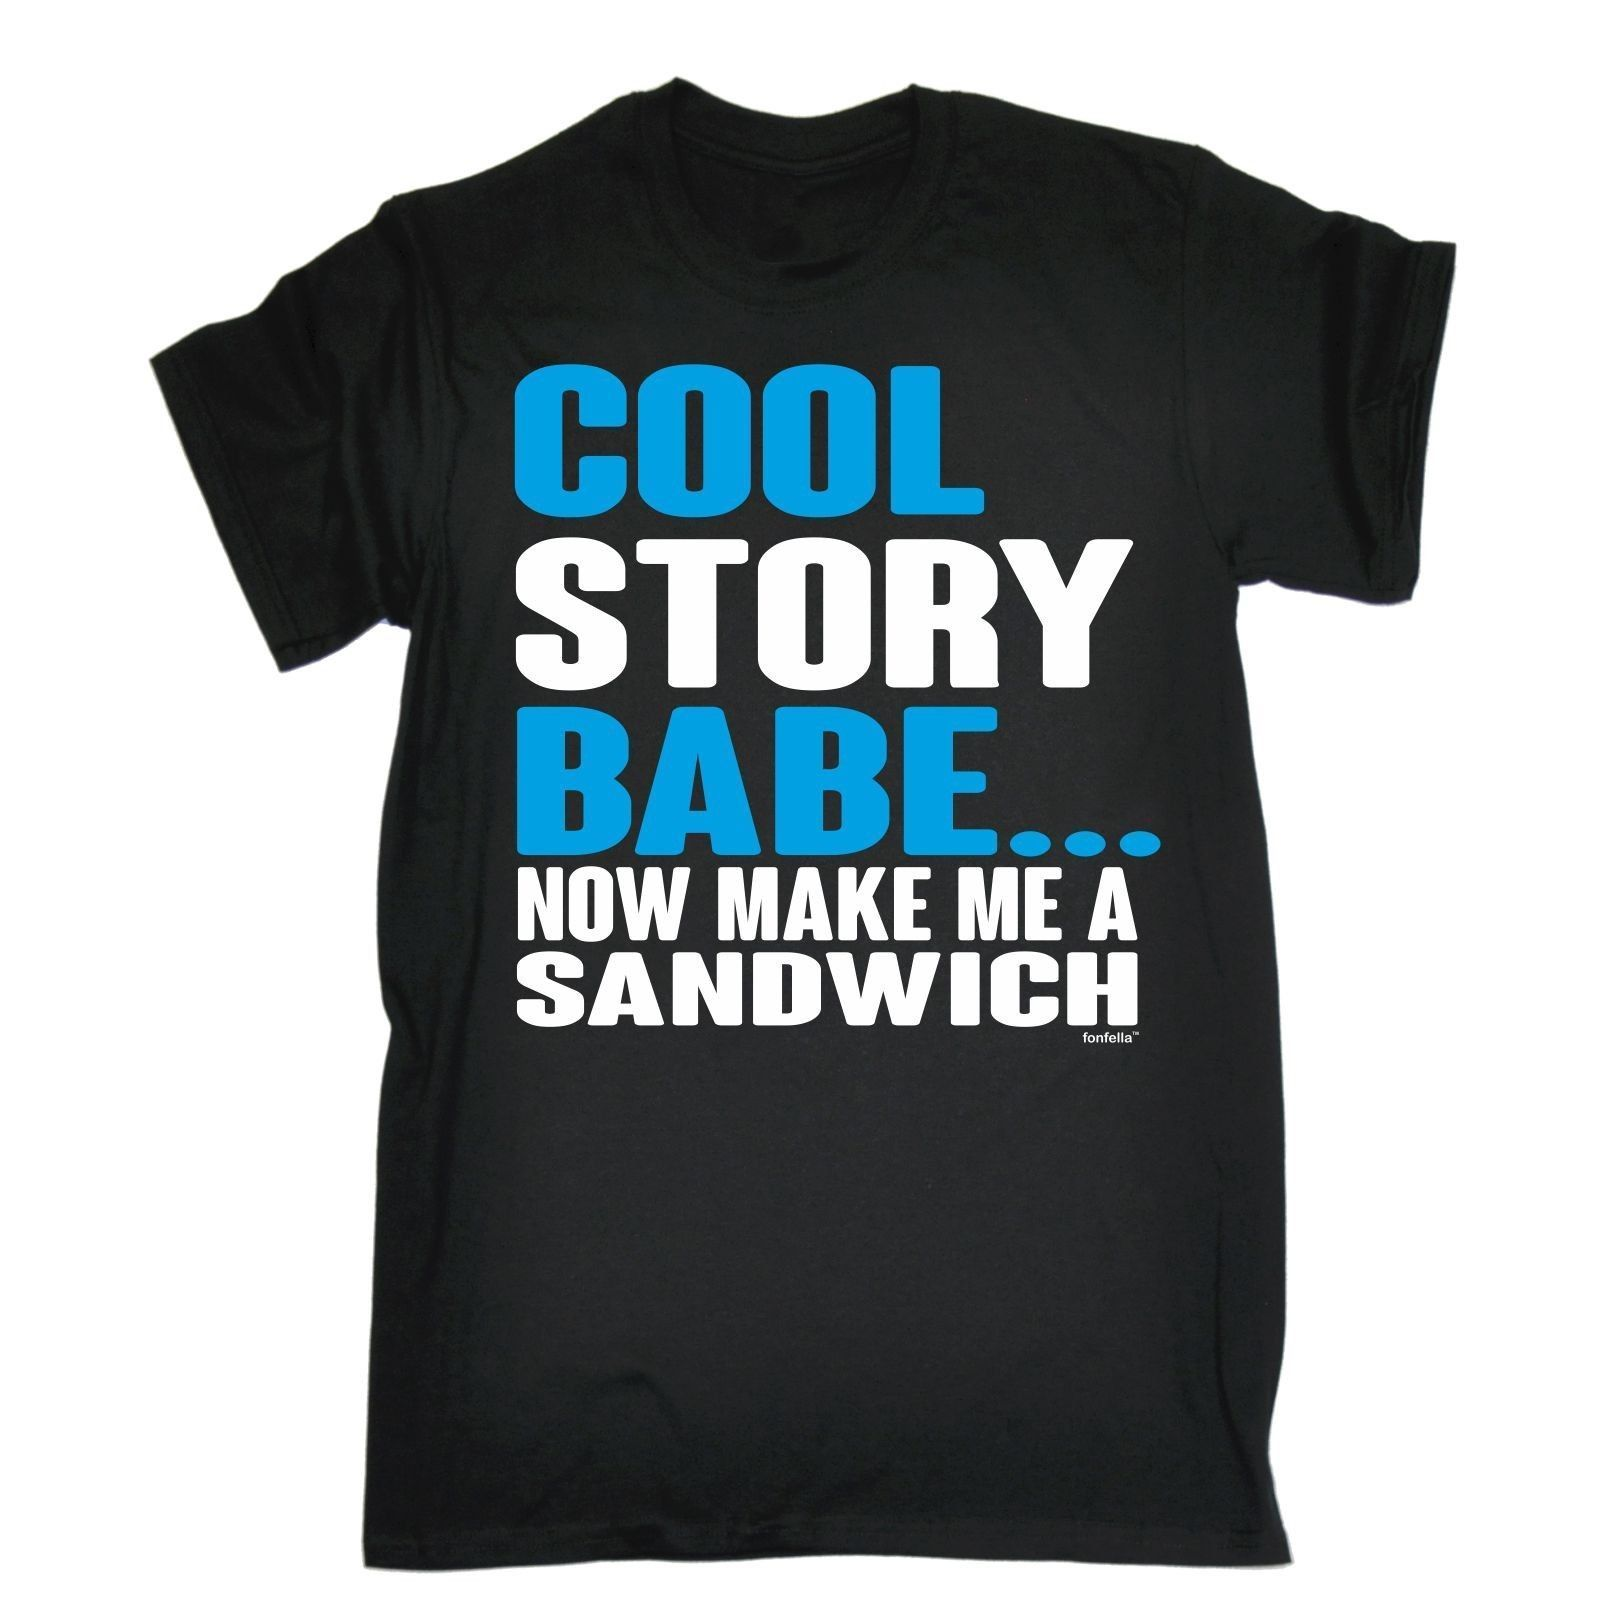 Пункт продажи-мужские-черный-2XL-предание детка теперь сделать мне сэндвич Футболка короткий рукав дешевые распродажа хлопковая футболка ...